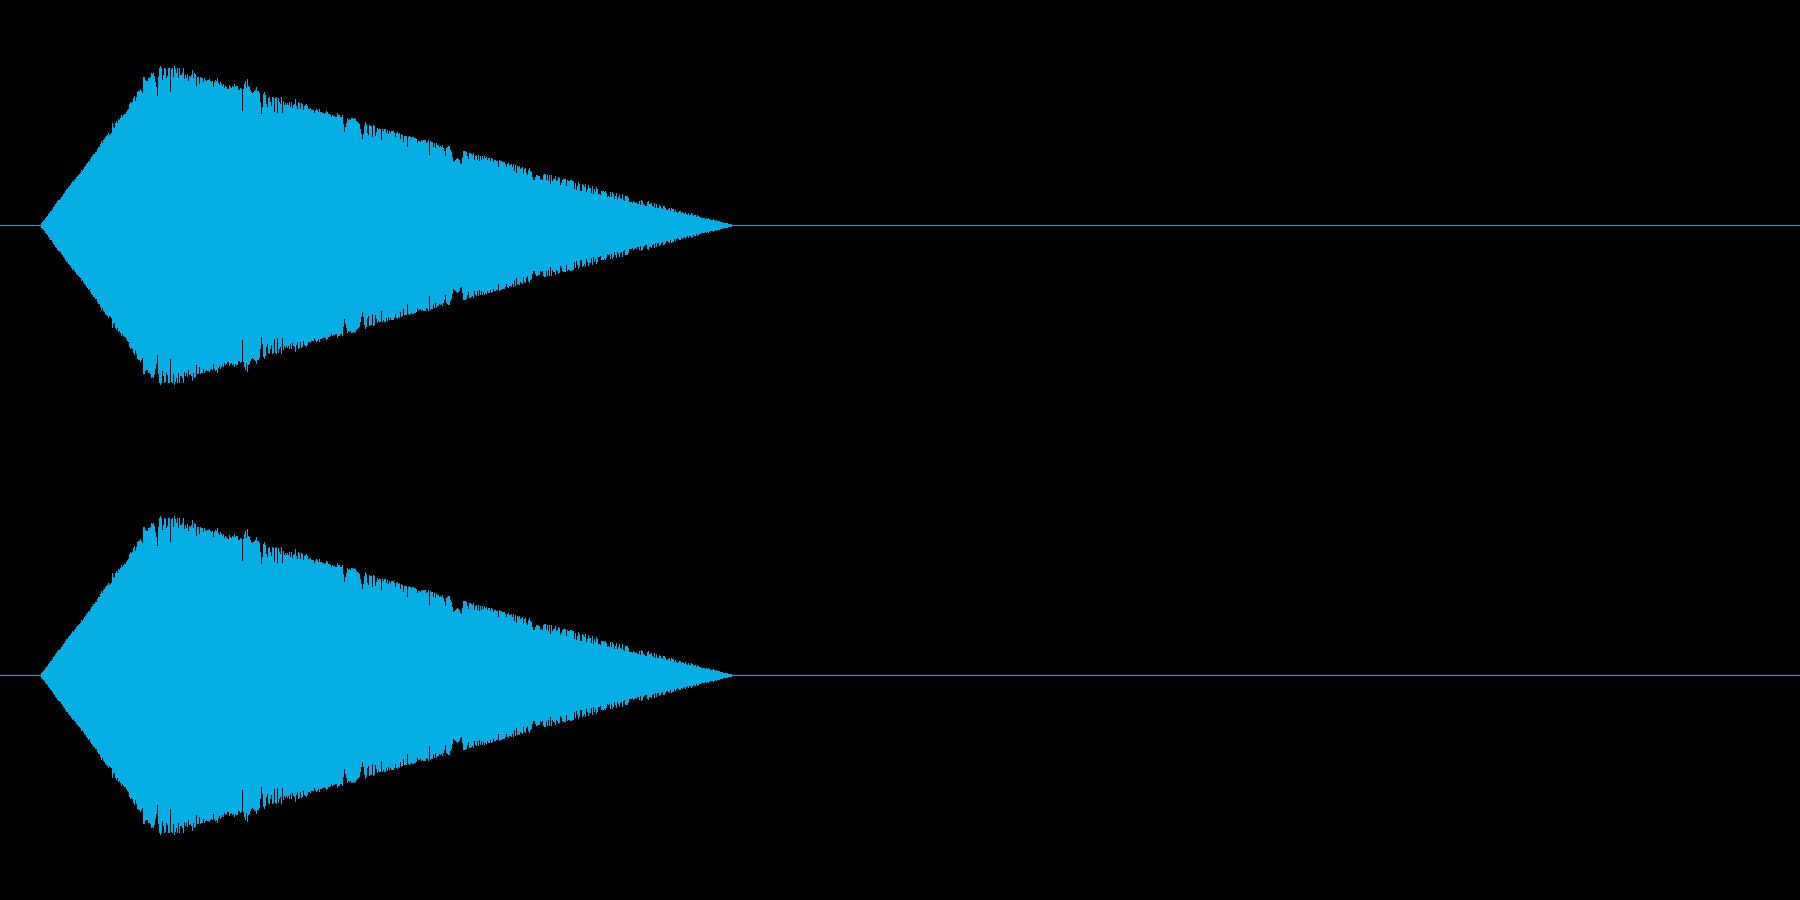 レトロゲーム風・パワーダウン#2の再生済みの波形